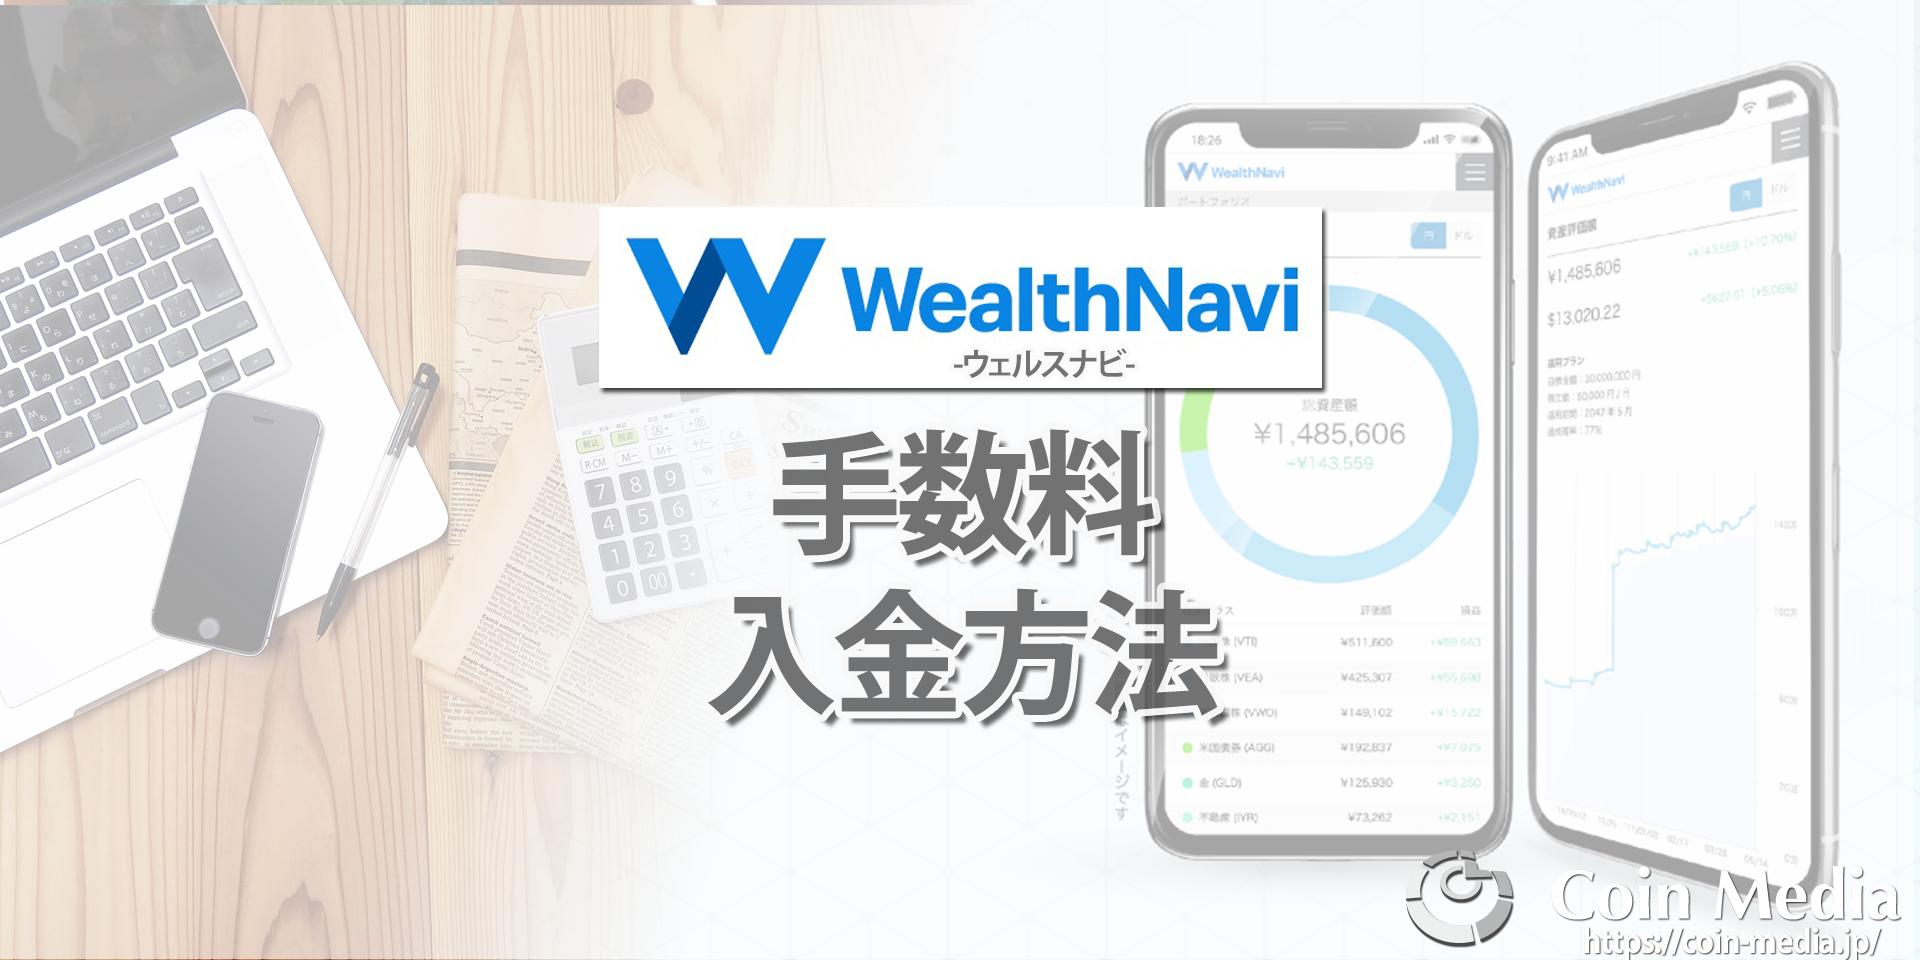 ウェルスナビ(WealthNavi)の手数料と入金方法について徹底解説!